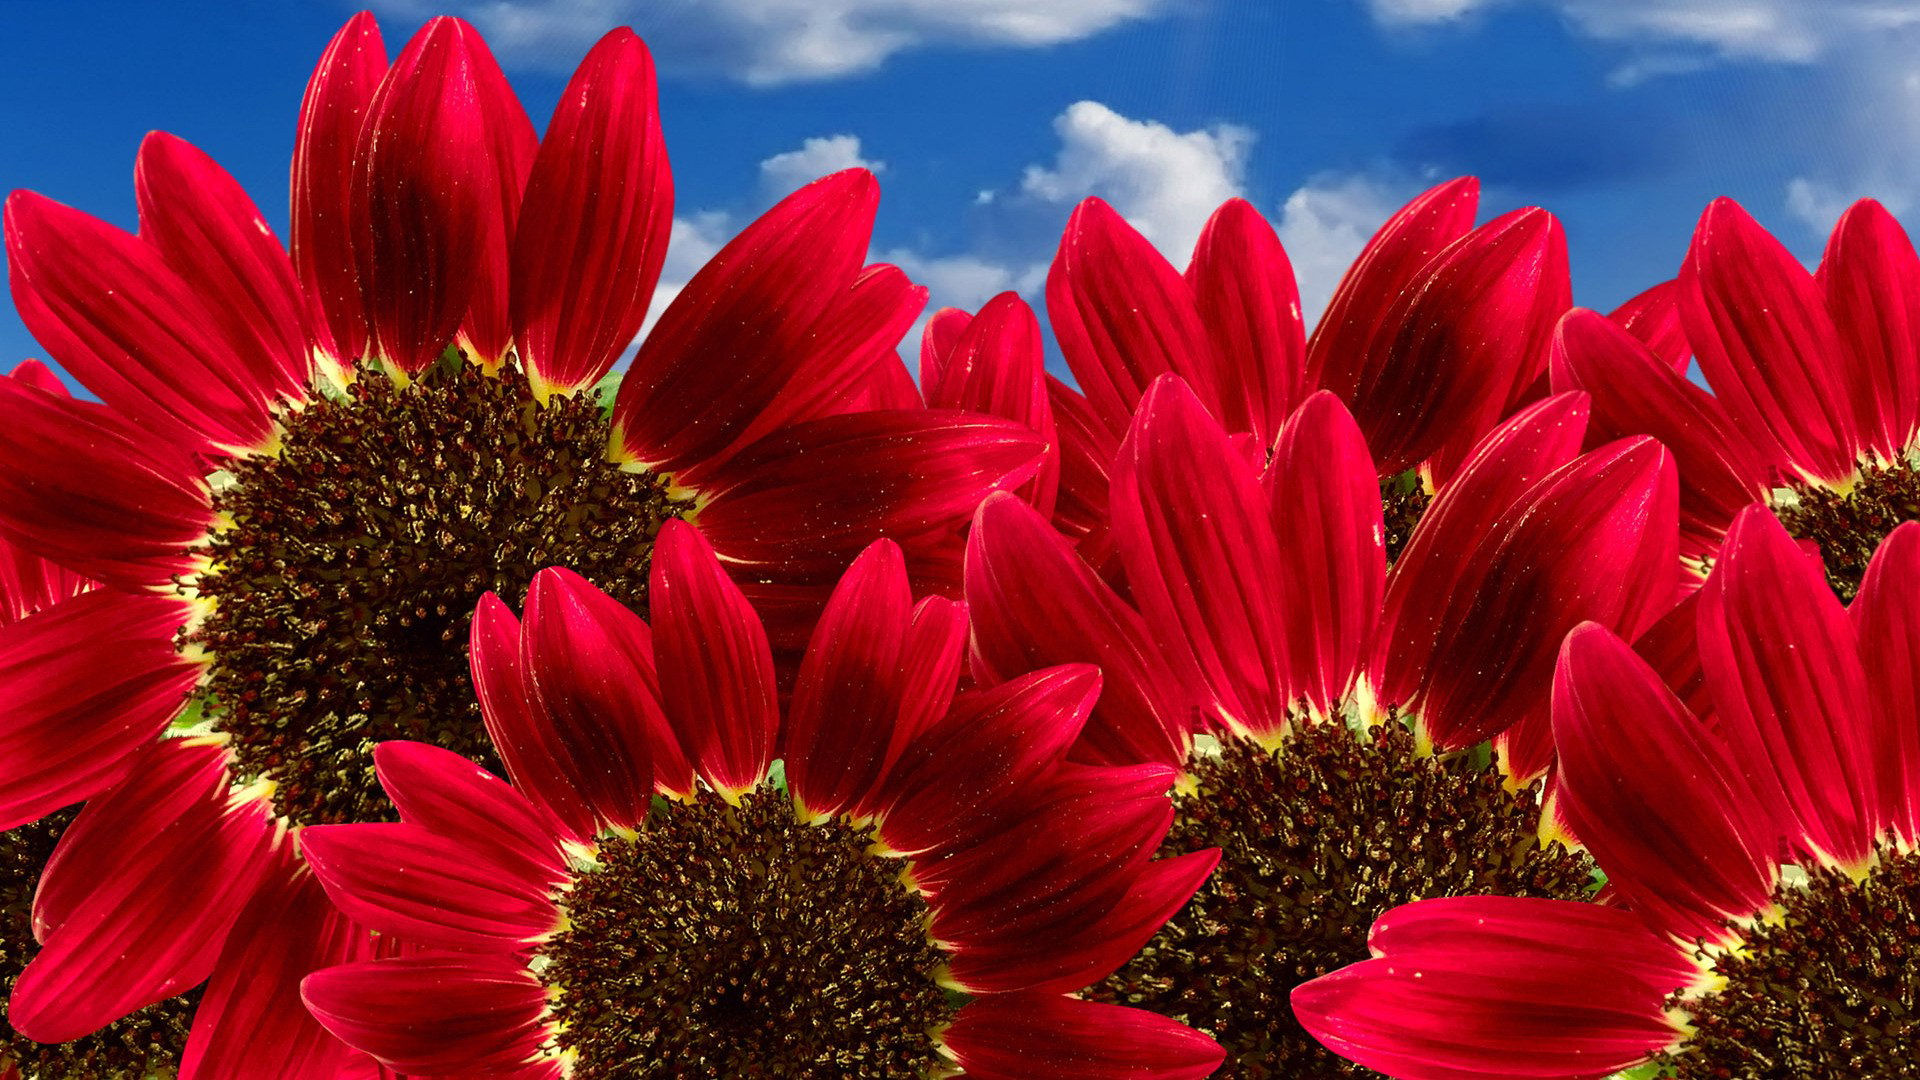 صور ورود جميلة اجمل صور الورد والازهار بجودة HD (40)